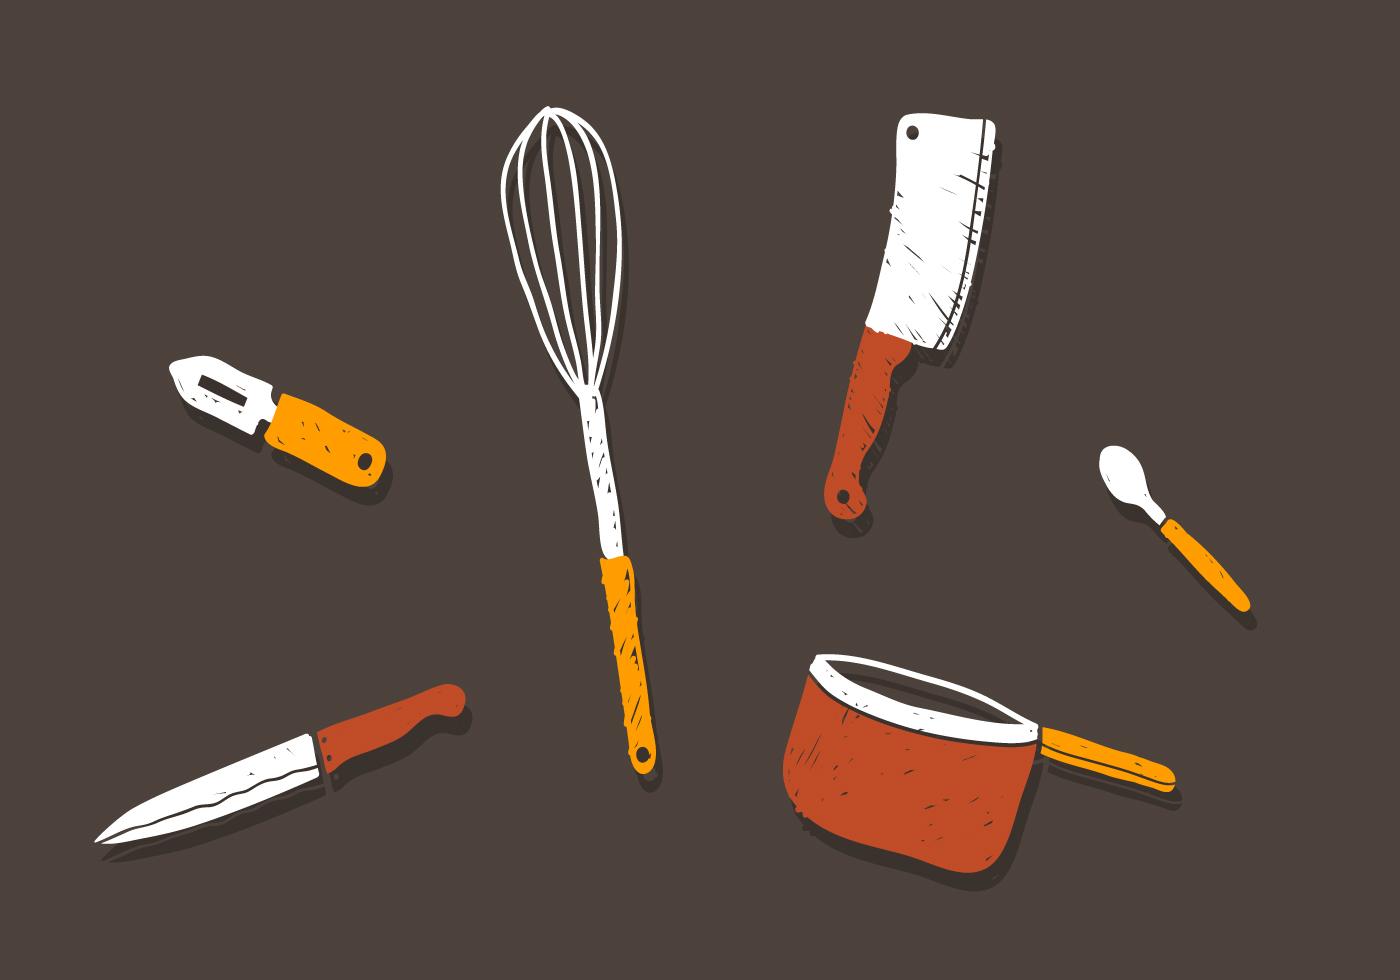 Vector Kitchen Utensils Download Free Vector Art Stock Graphics Amp Images